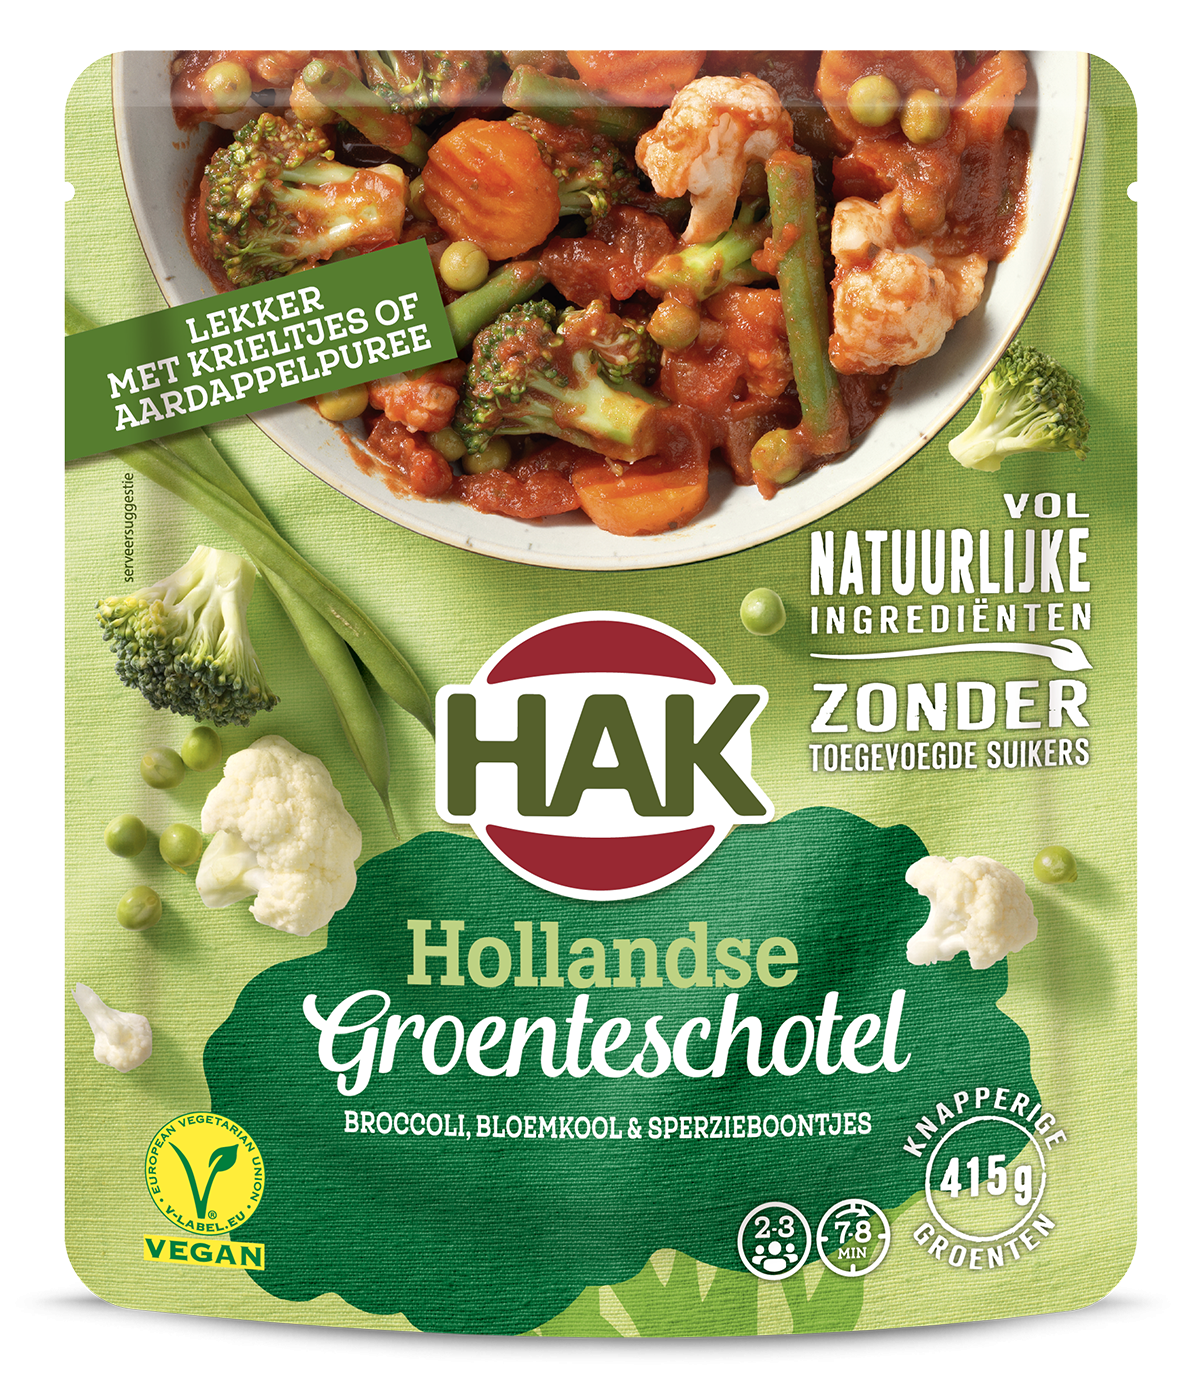 Hak Groenteschotel Hollands 500G Nl Ean 8720600616181